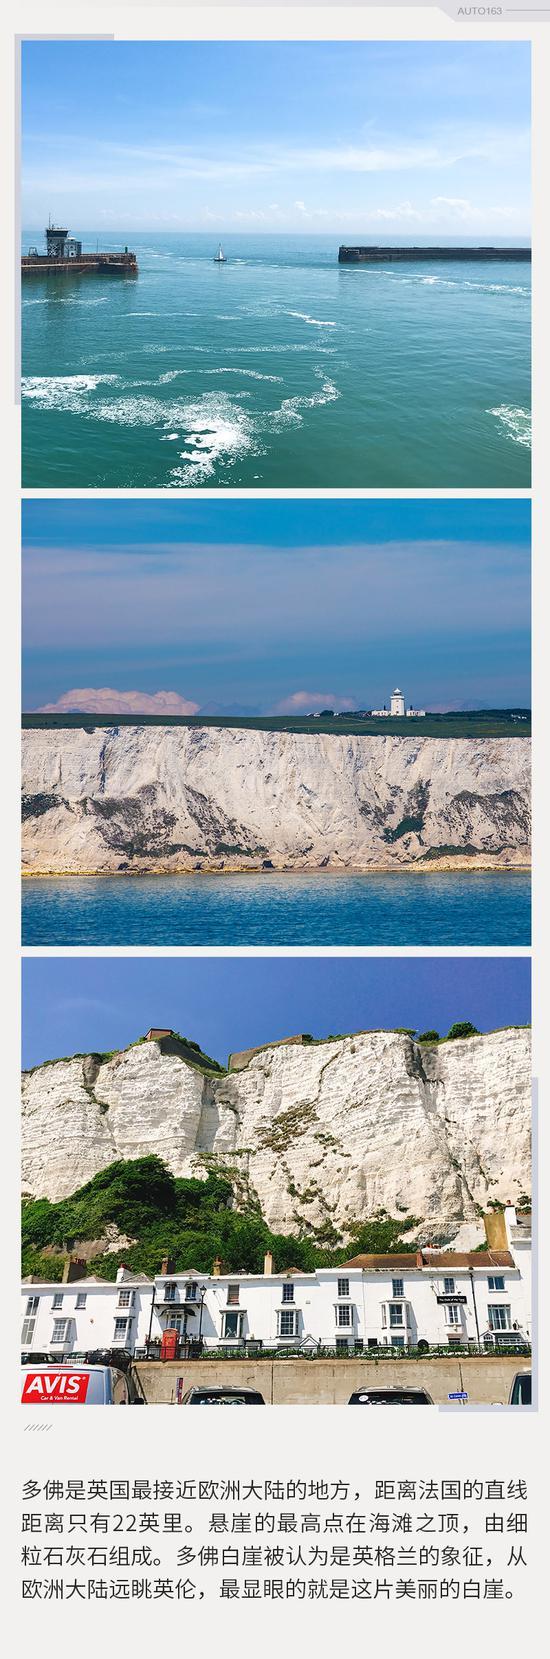 与吉利博越穿越英吉利海峡 体验法式浪漫和英伦绅士